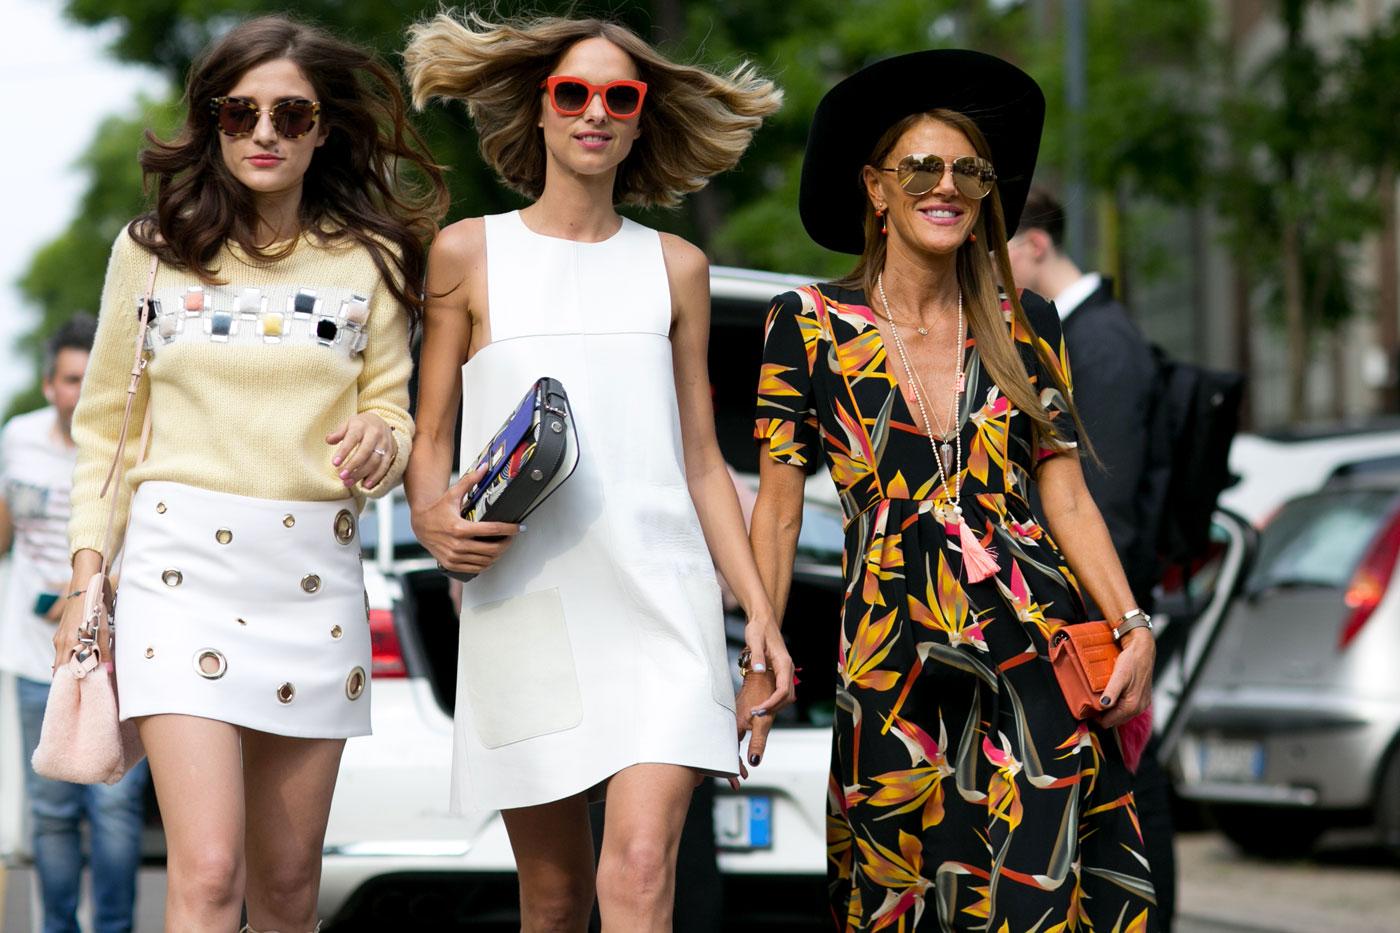 Мода, стиль и имидж, что их связывает?